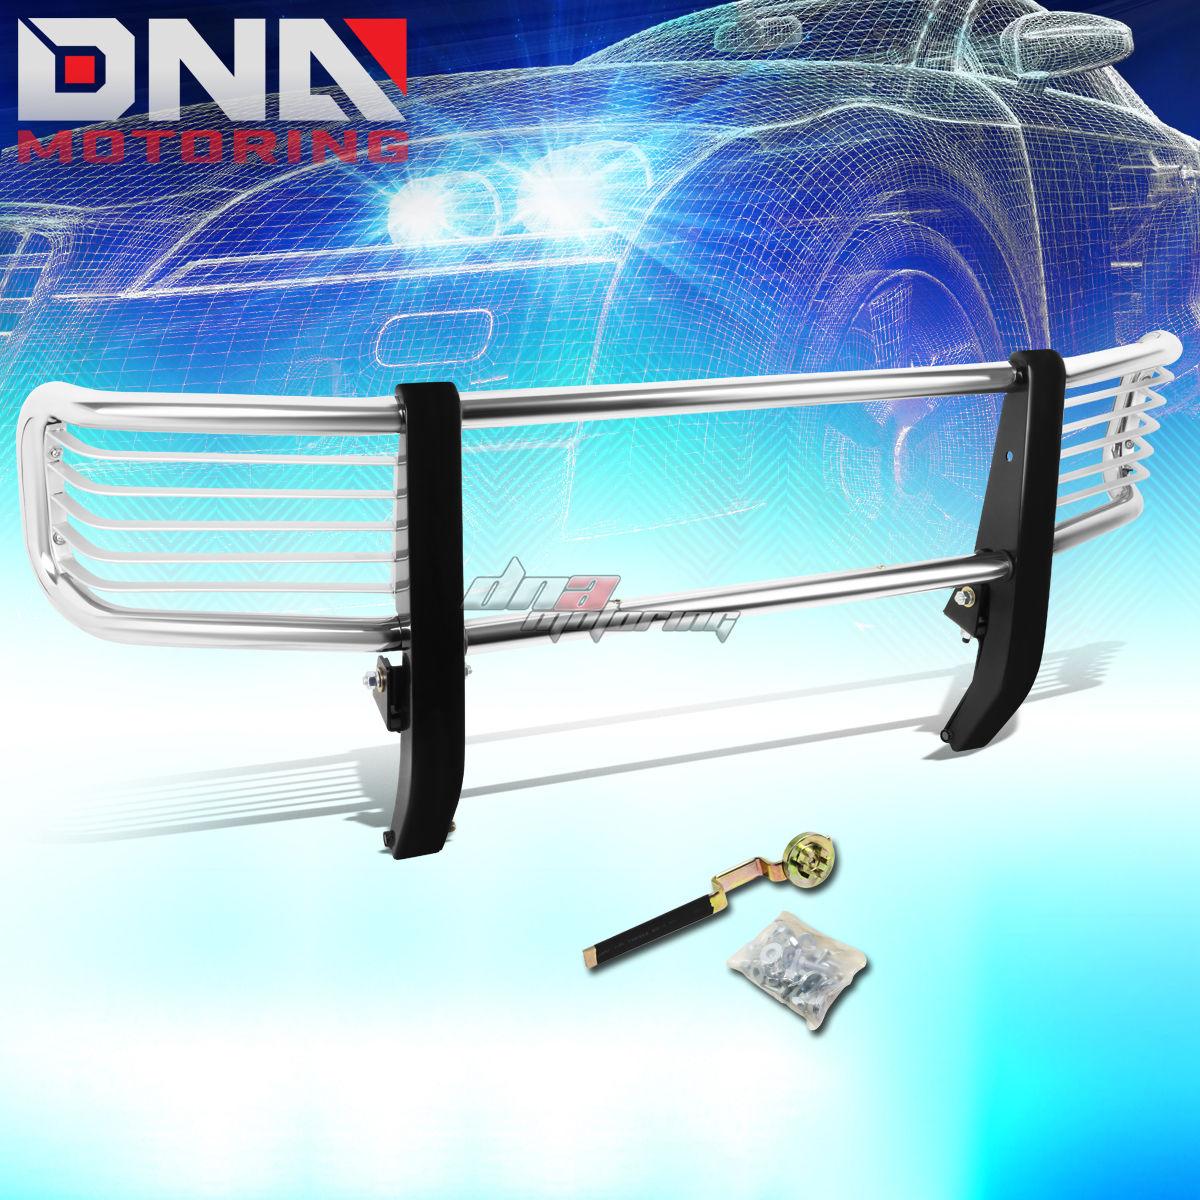 グリル 99-12 Gクラス用W463 G500 SUVクロムステンレスフロントグリルガードフレーム FOR 99-12 G-CLASS W463 G500 SUV CHROME STAINLESS STEEL FRONT GRILL GUARD FRAME